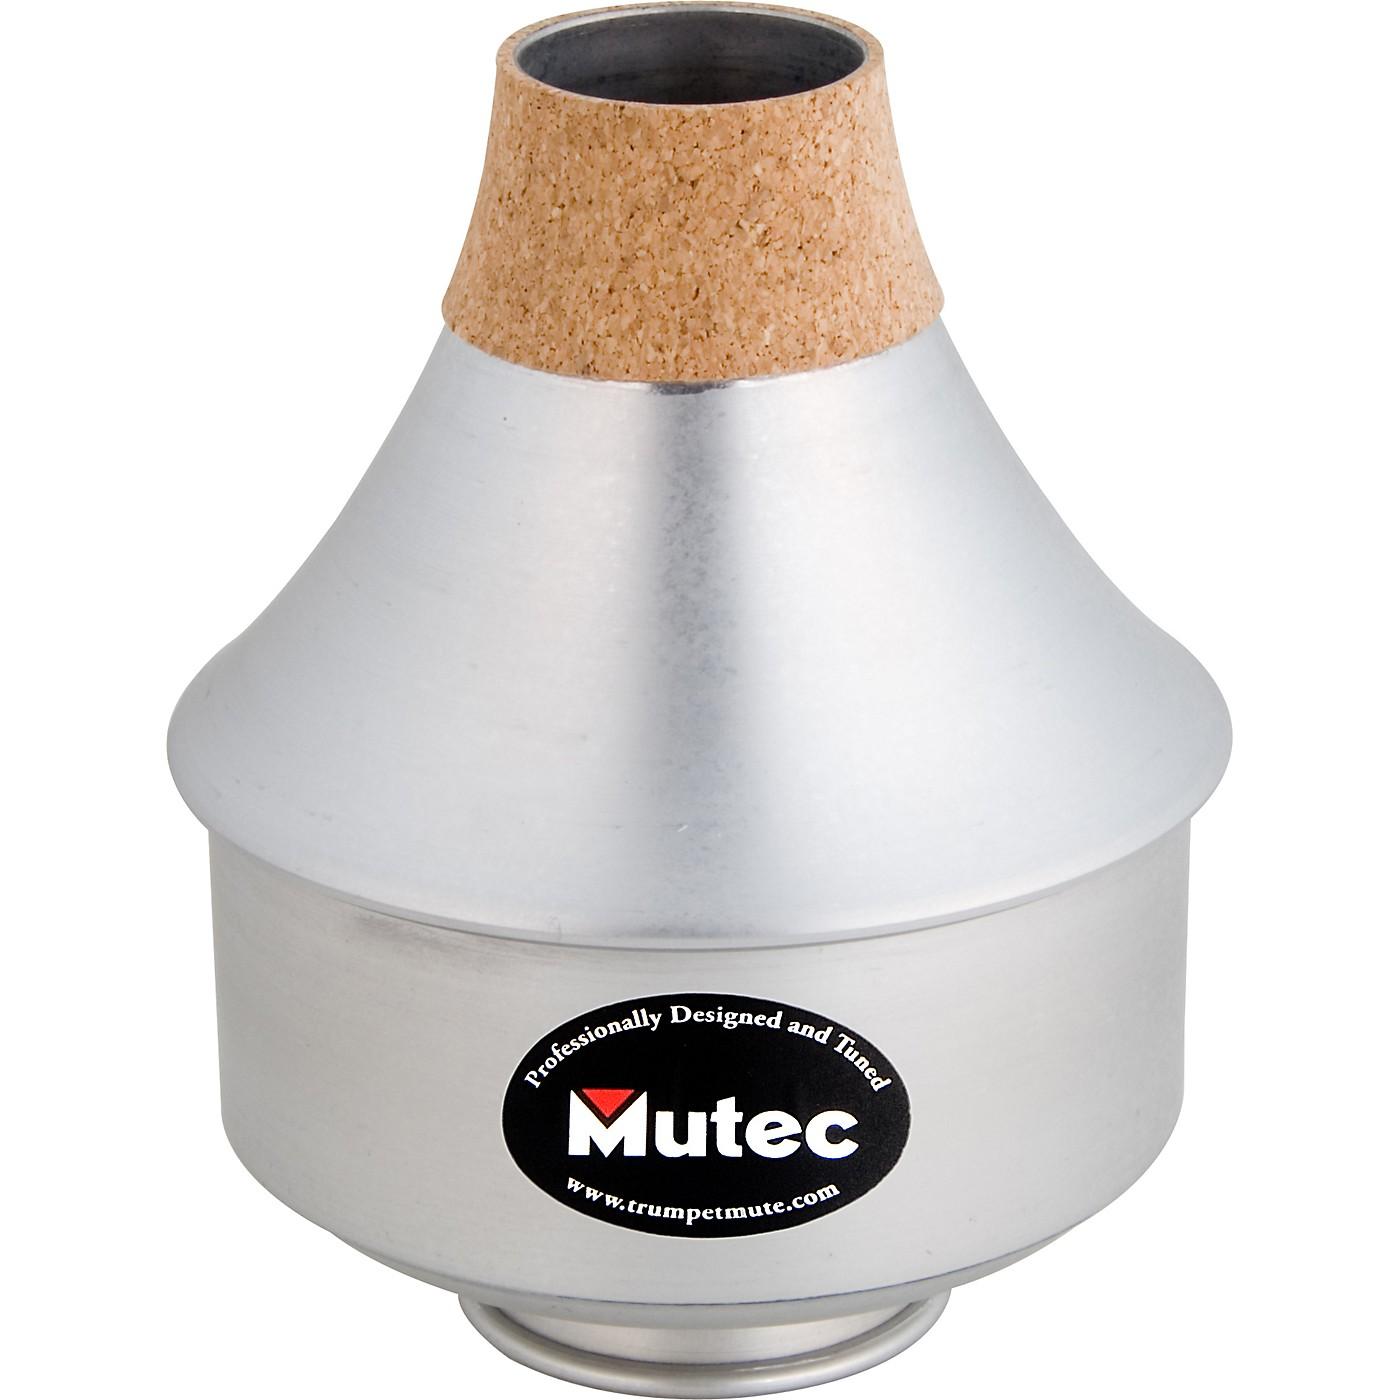 Mutec MHT123 Large Aluminum Trumpet Wah-Wah Mute thumbnail